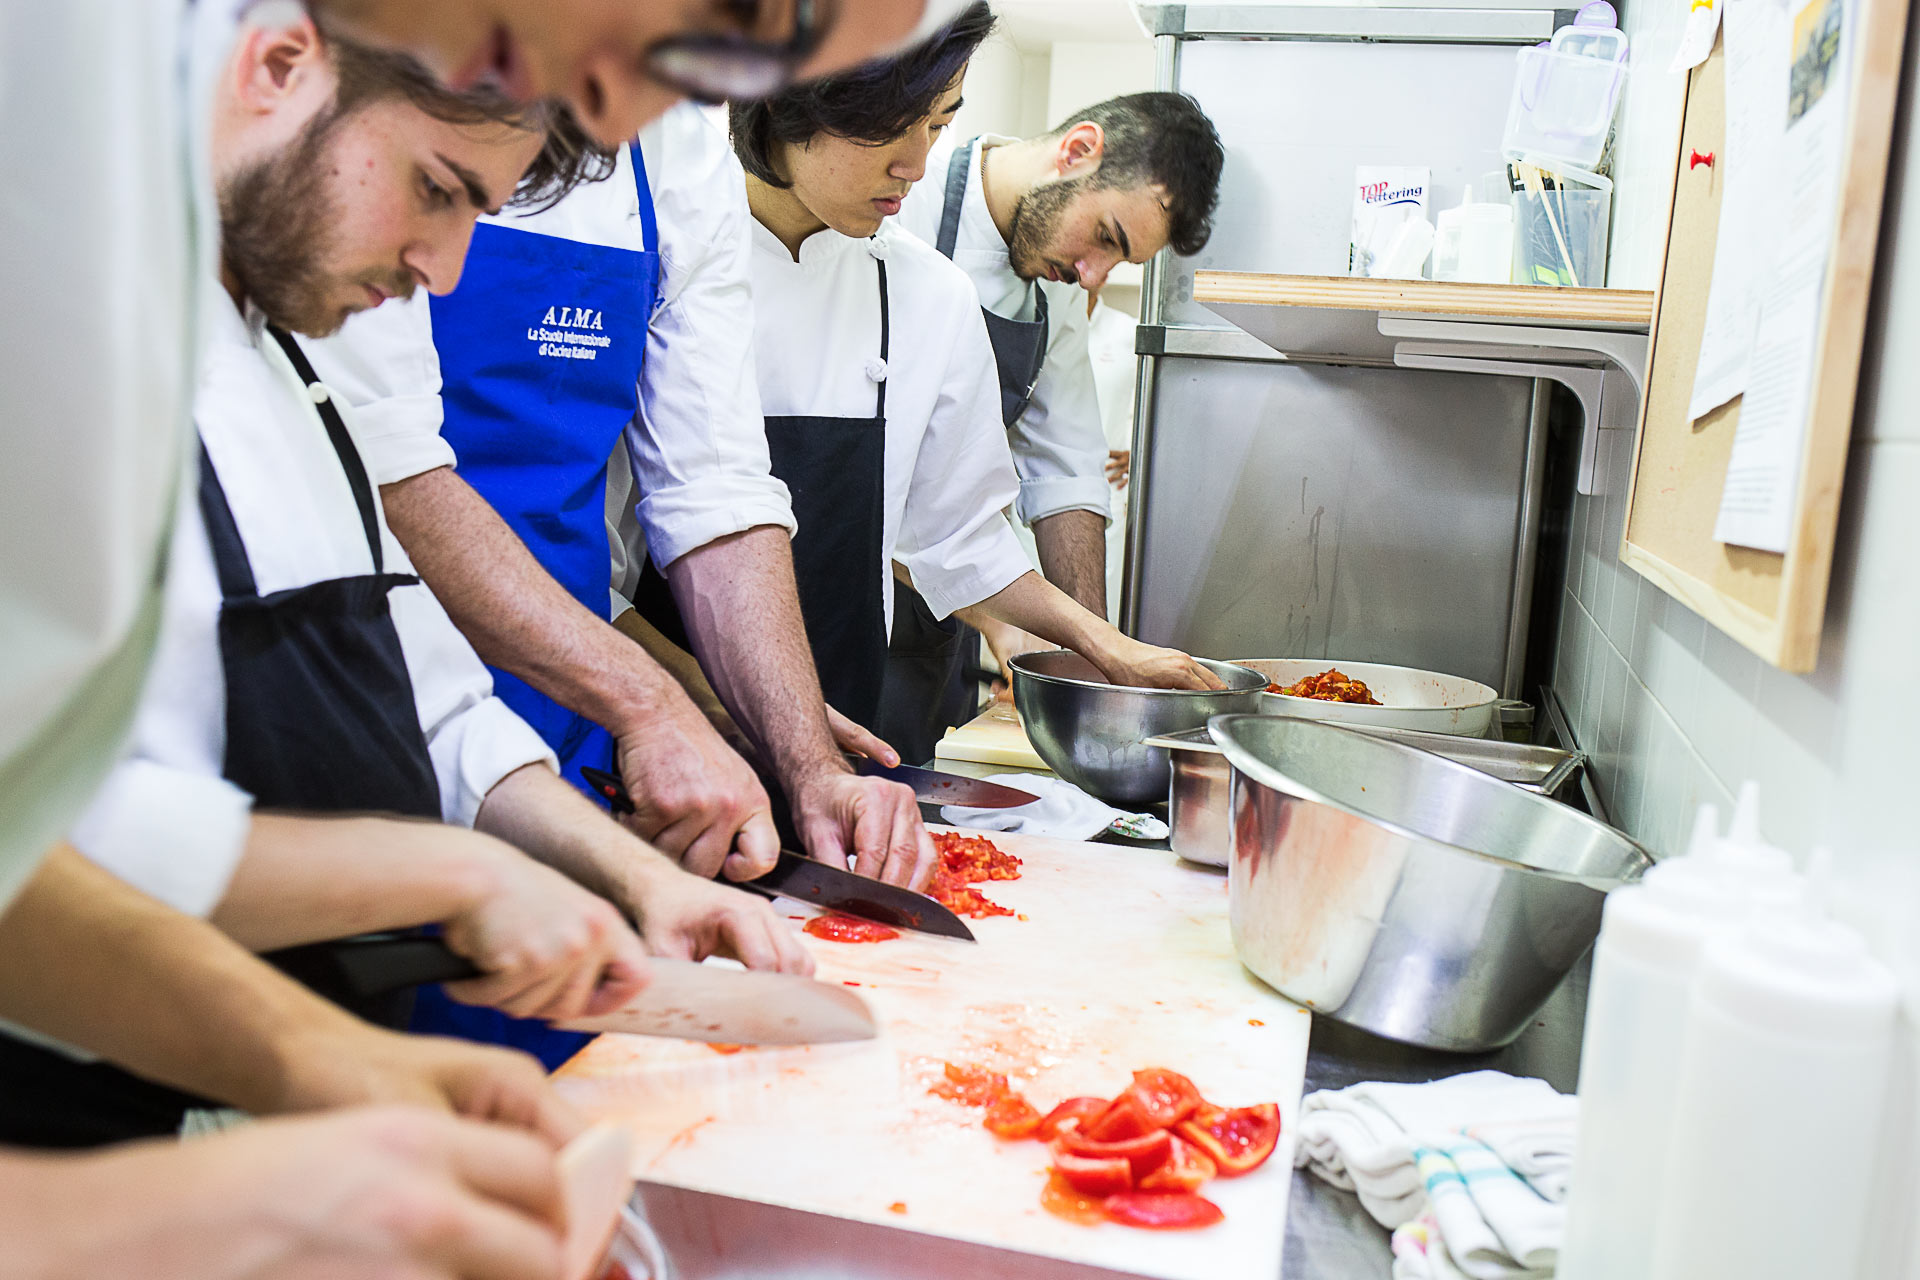 Fervono i lavori in cucina per la Festa a Mare da Tuccino